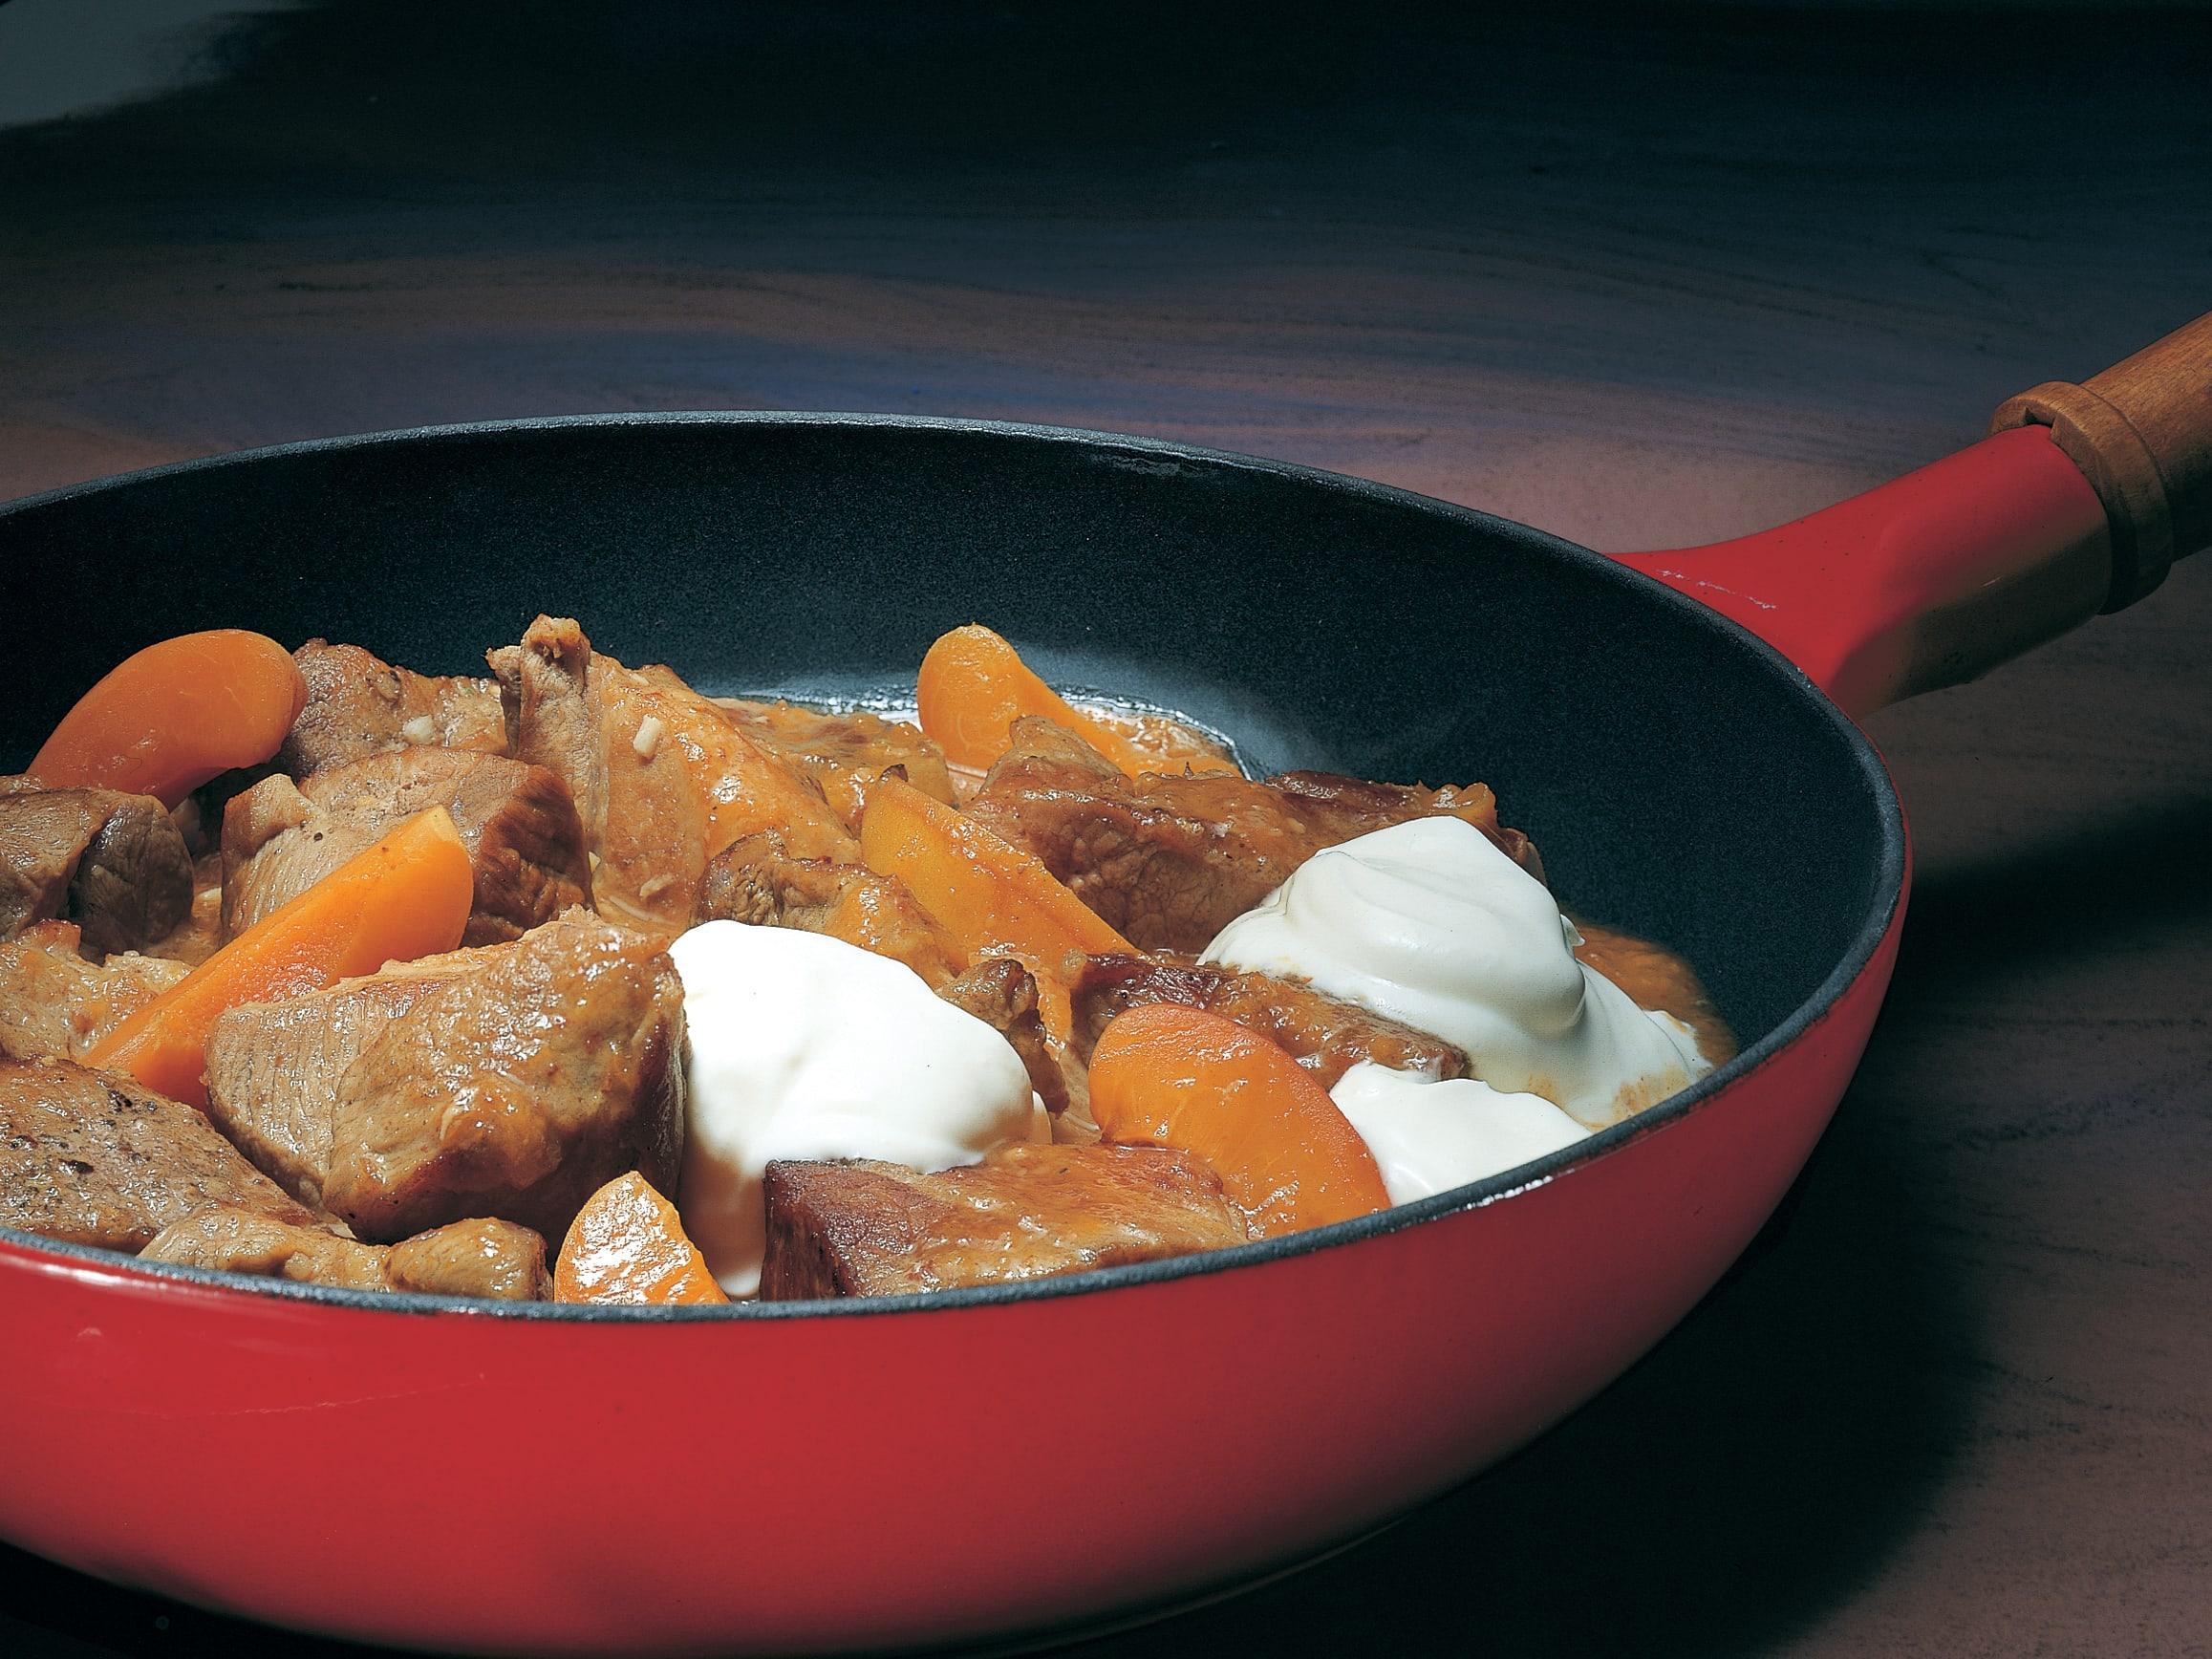 Ragoût de porc aux abricots